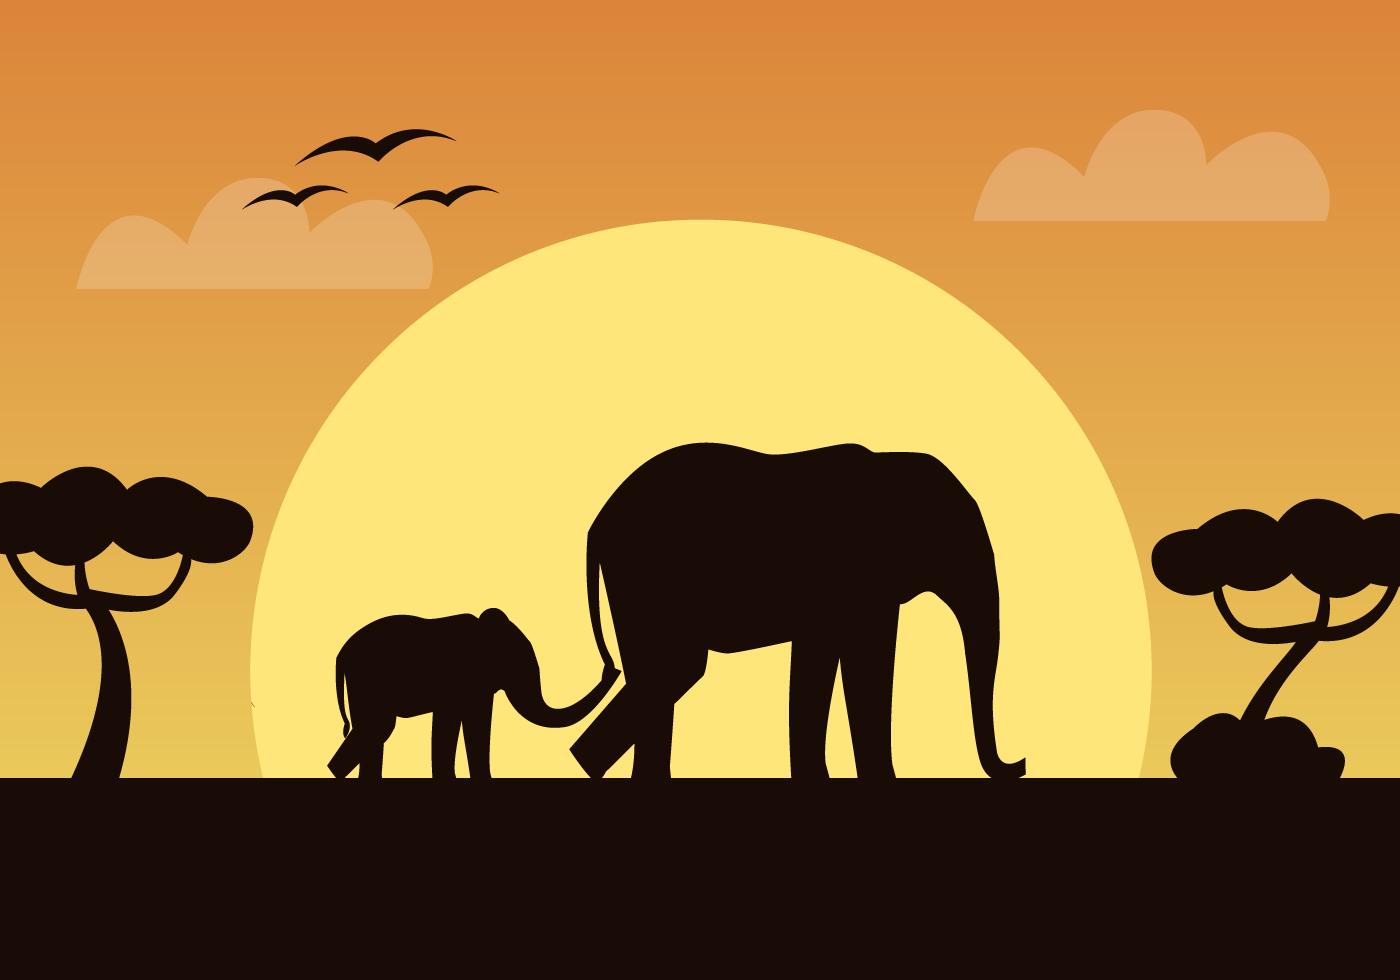 African Elephant Vector Download Free Vector Art Stock